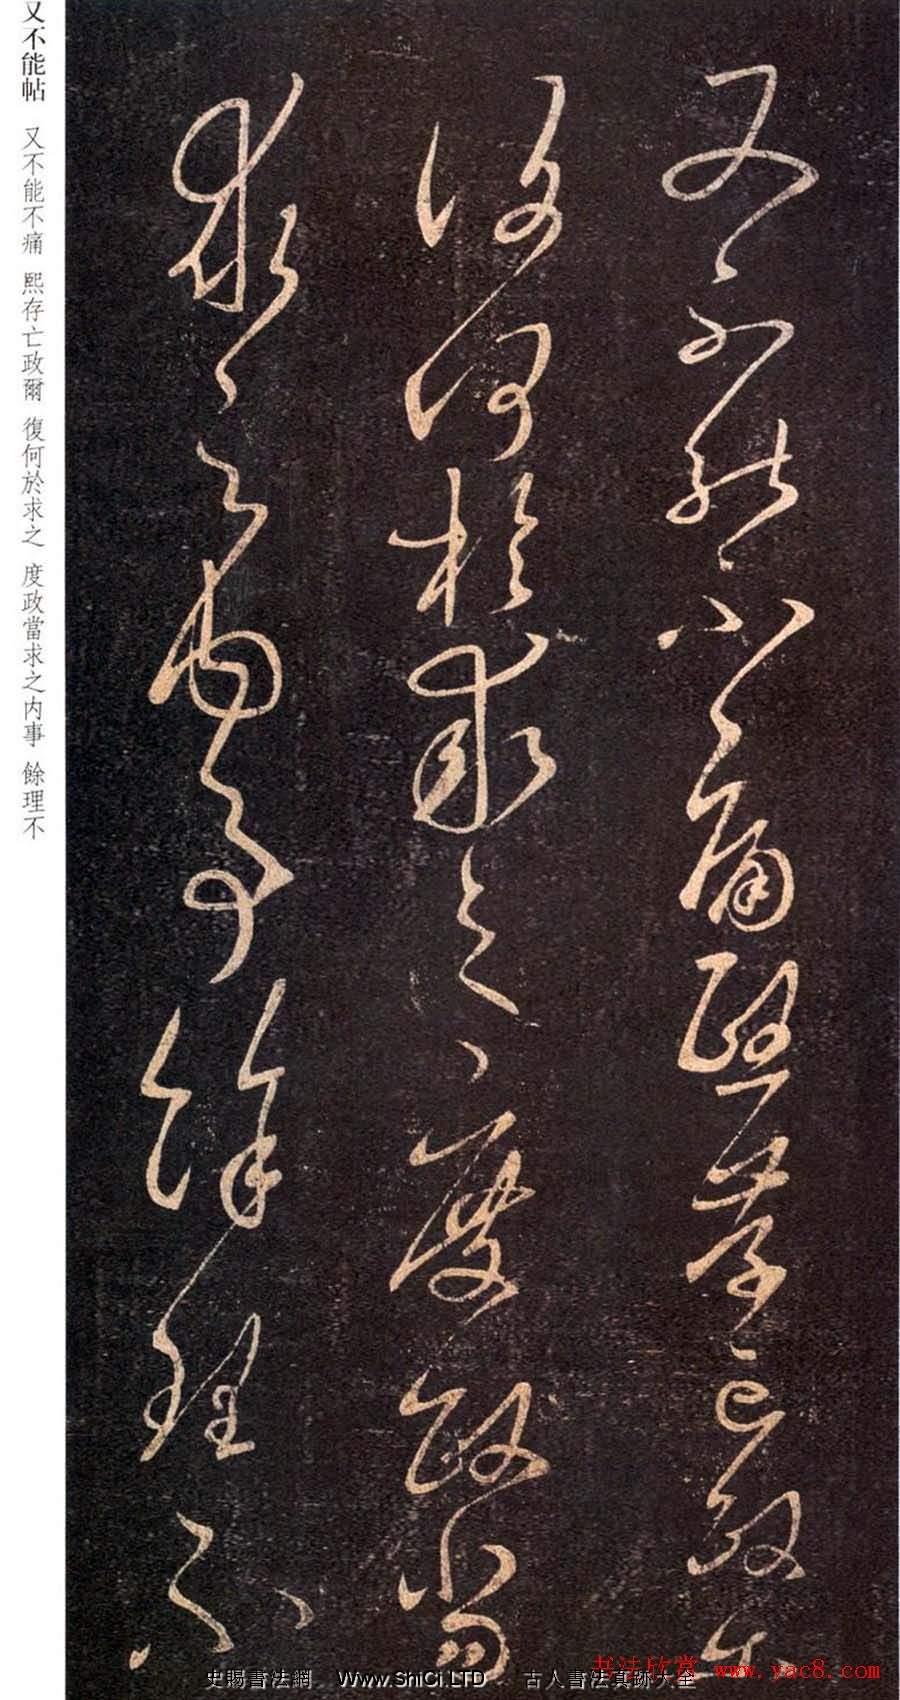 王羲之の草書の真筆「書も書けないし」(全部で2枚の写真)